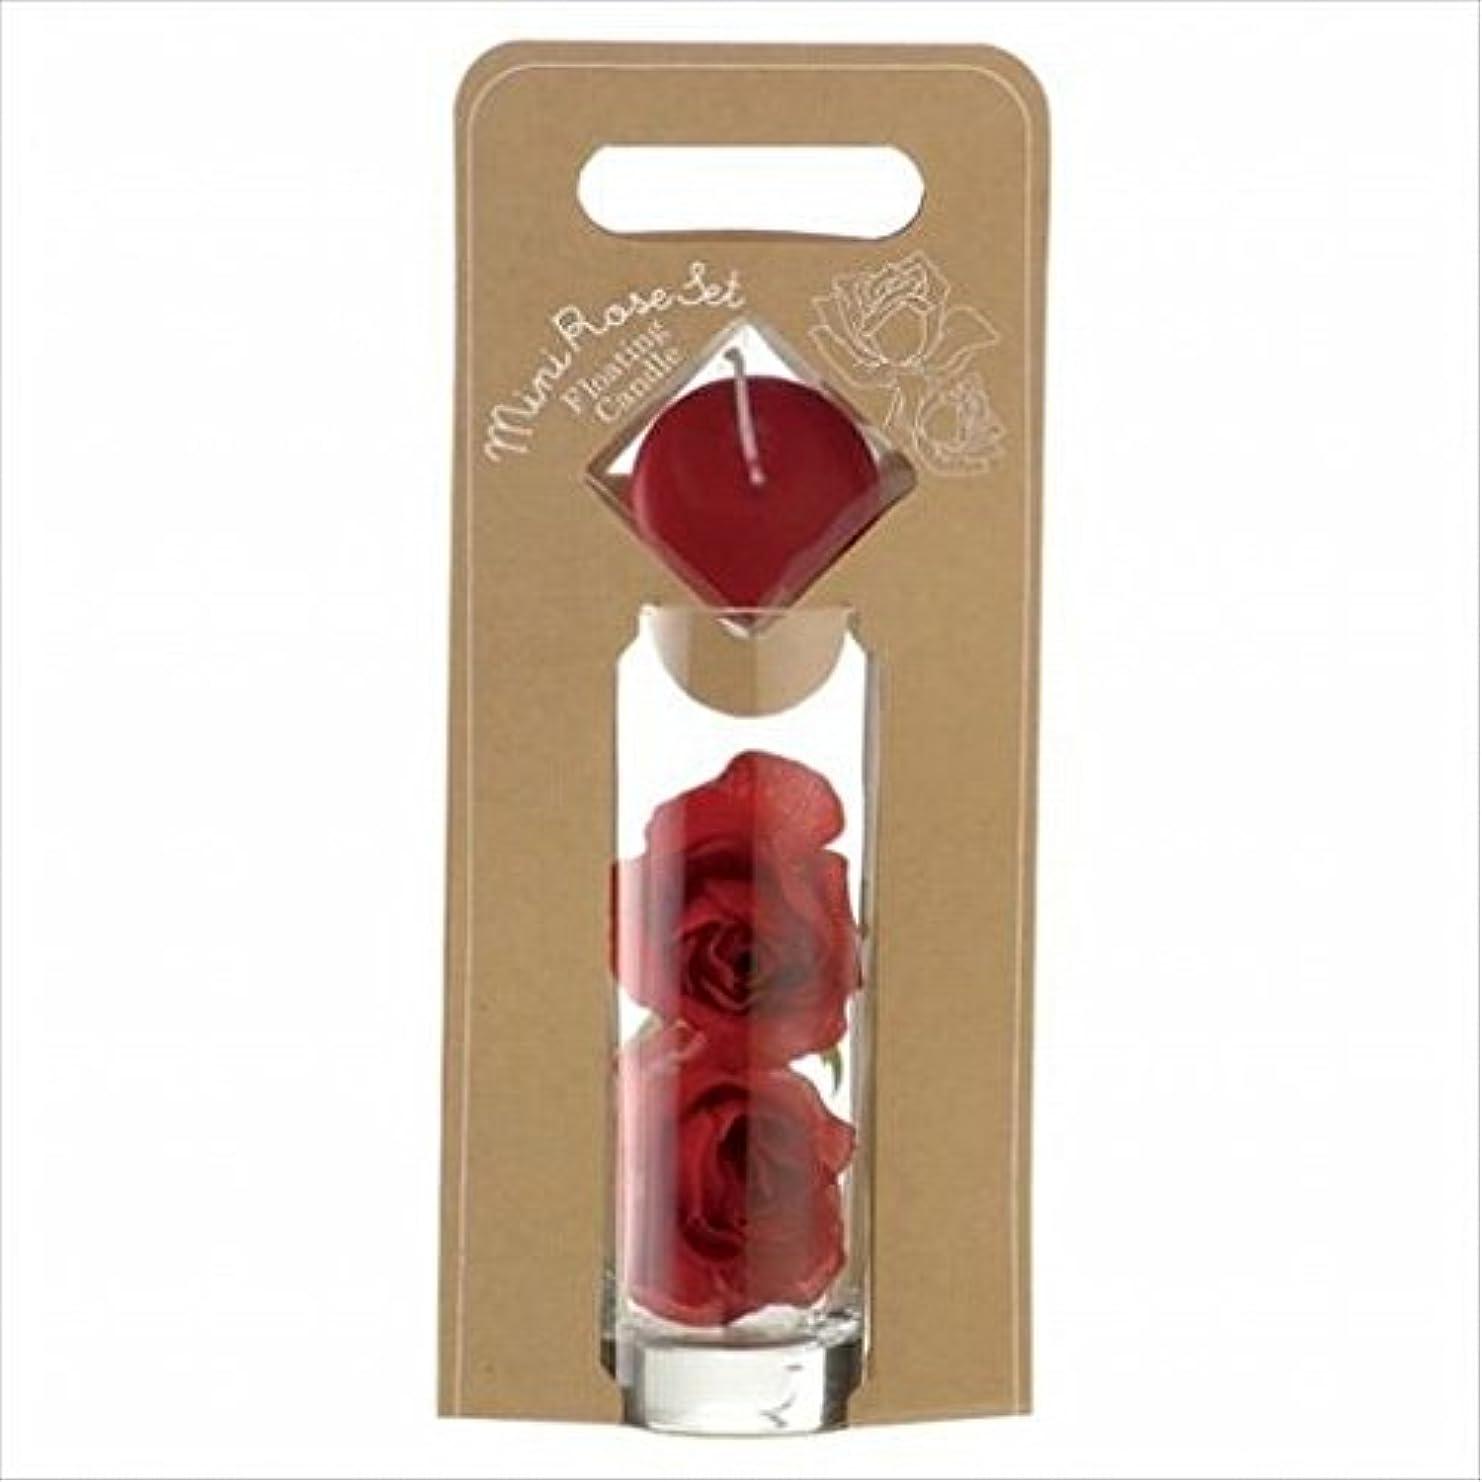 り円形のロードされたkameyama candle(カメヤマキャンドル) ミニローズセット 「 ワインレッド 」(A7620005WR)